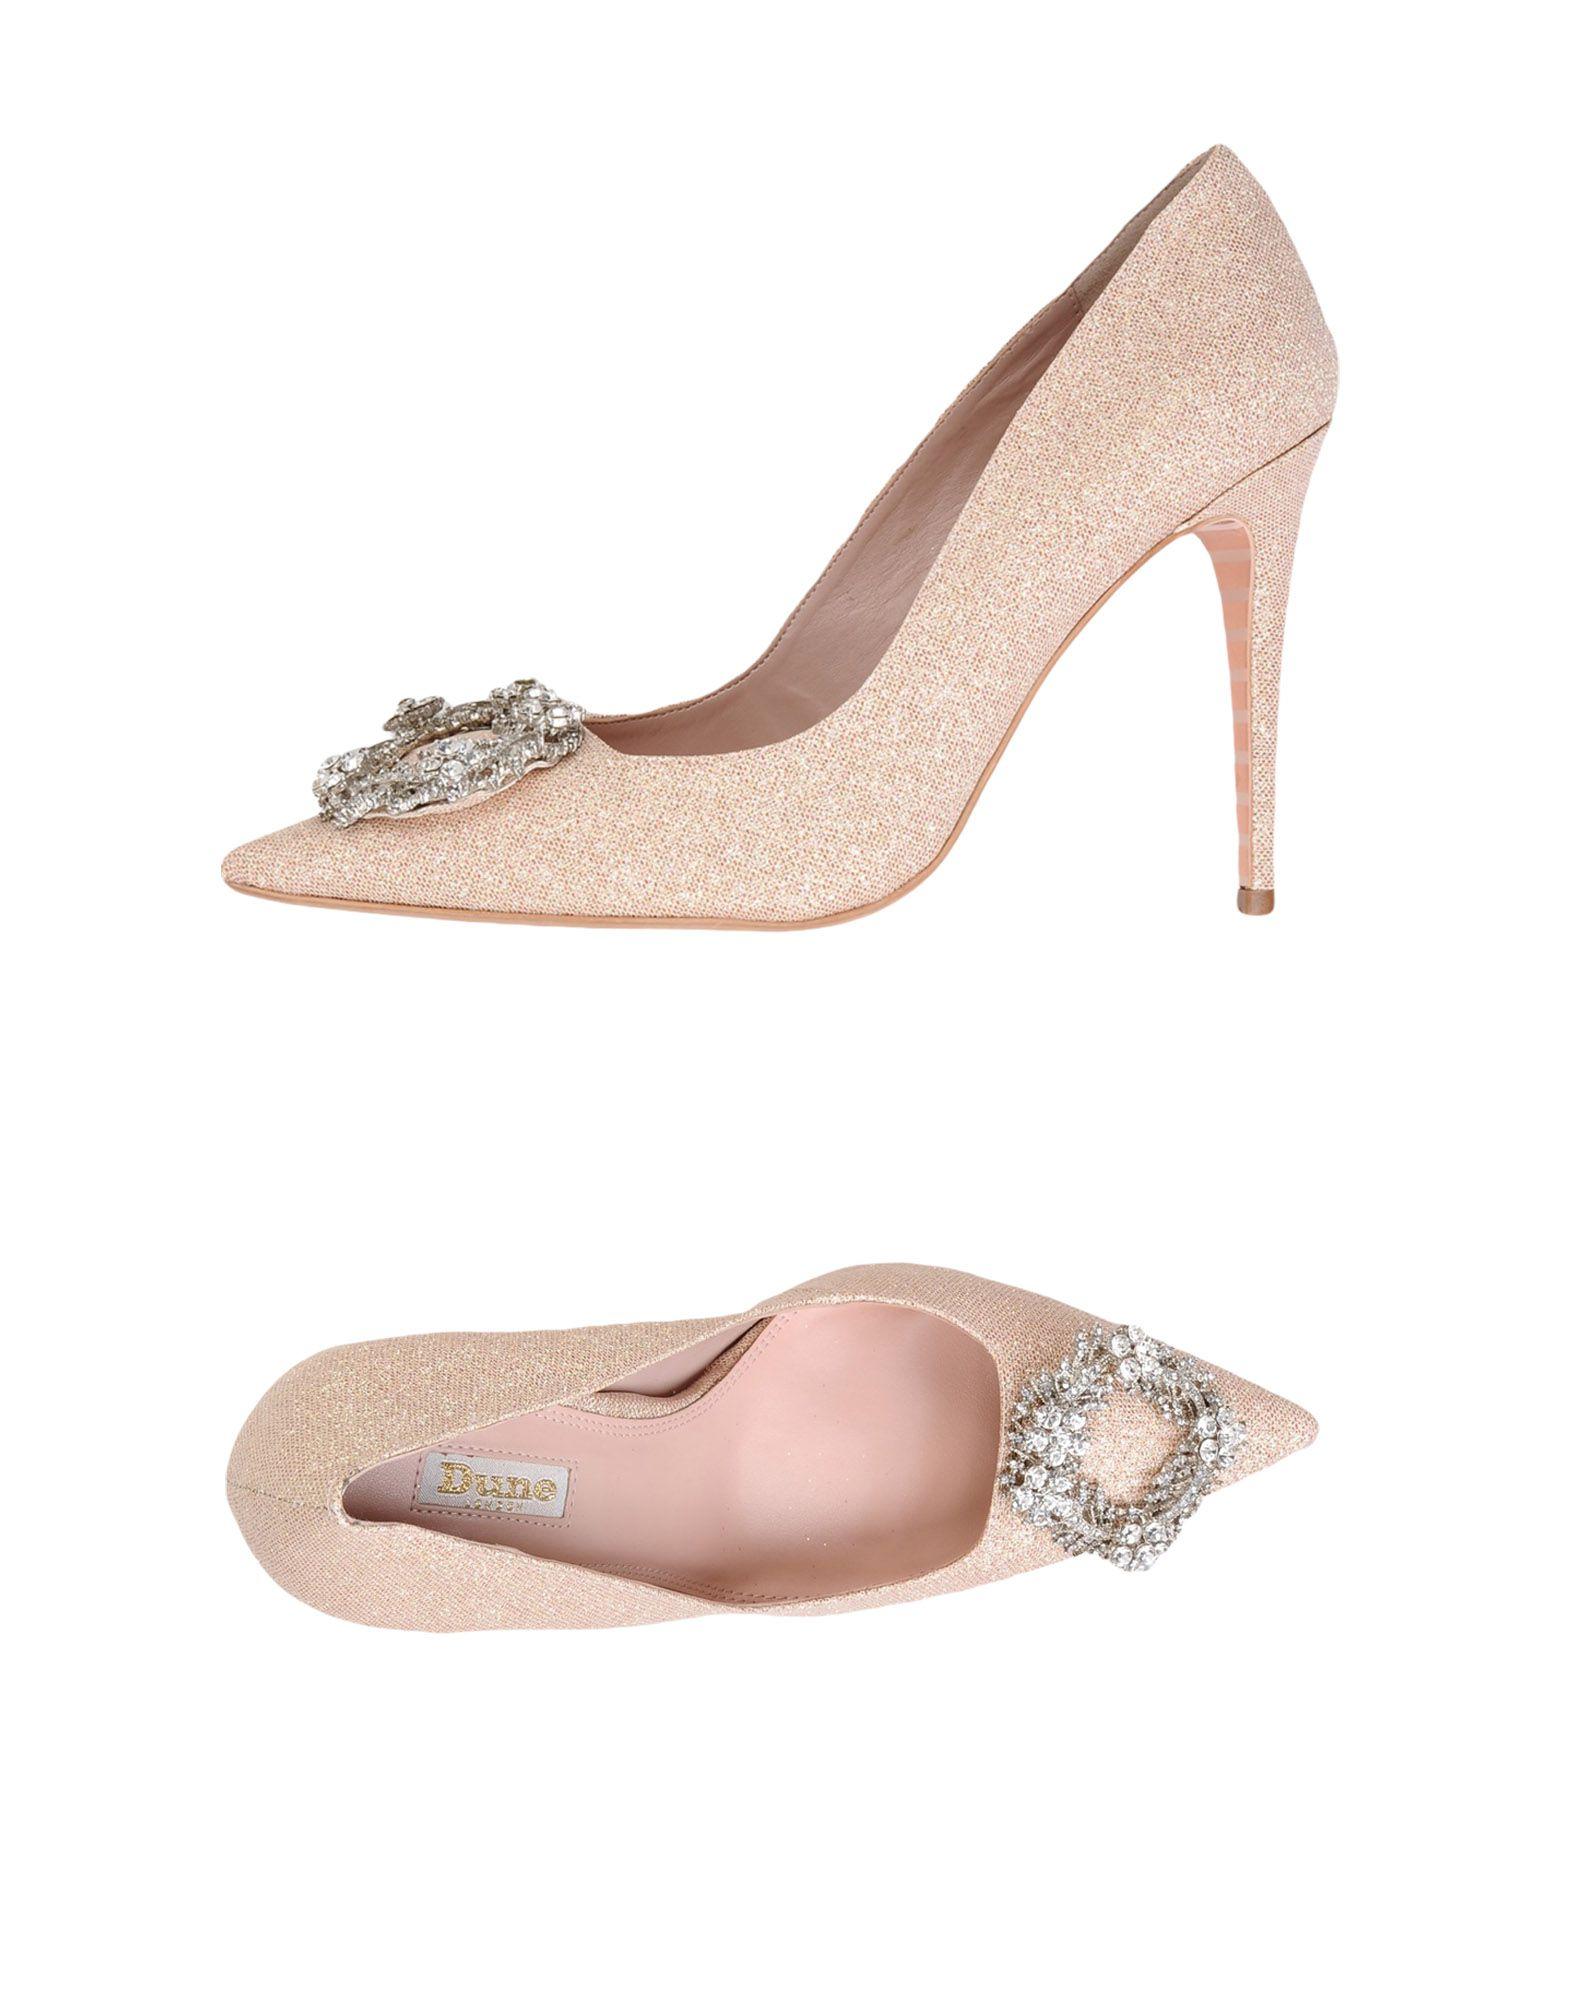 Escarpins Dune London Breanne - Femme - Escarpins Dune London Sable Nouvelles chaussures pour hommes et femmes, remise limitée dans le temps